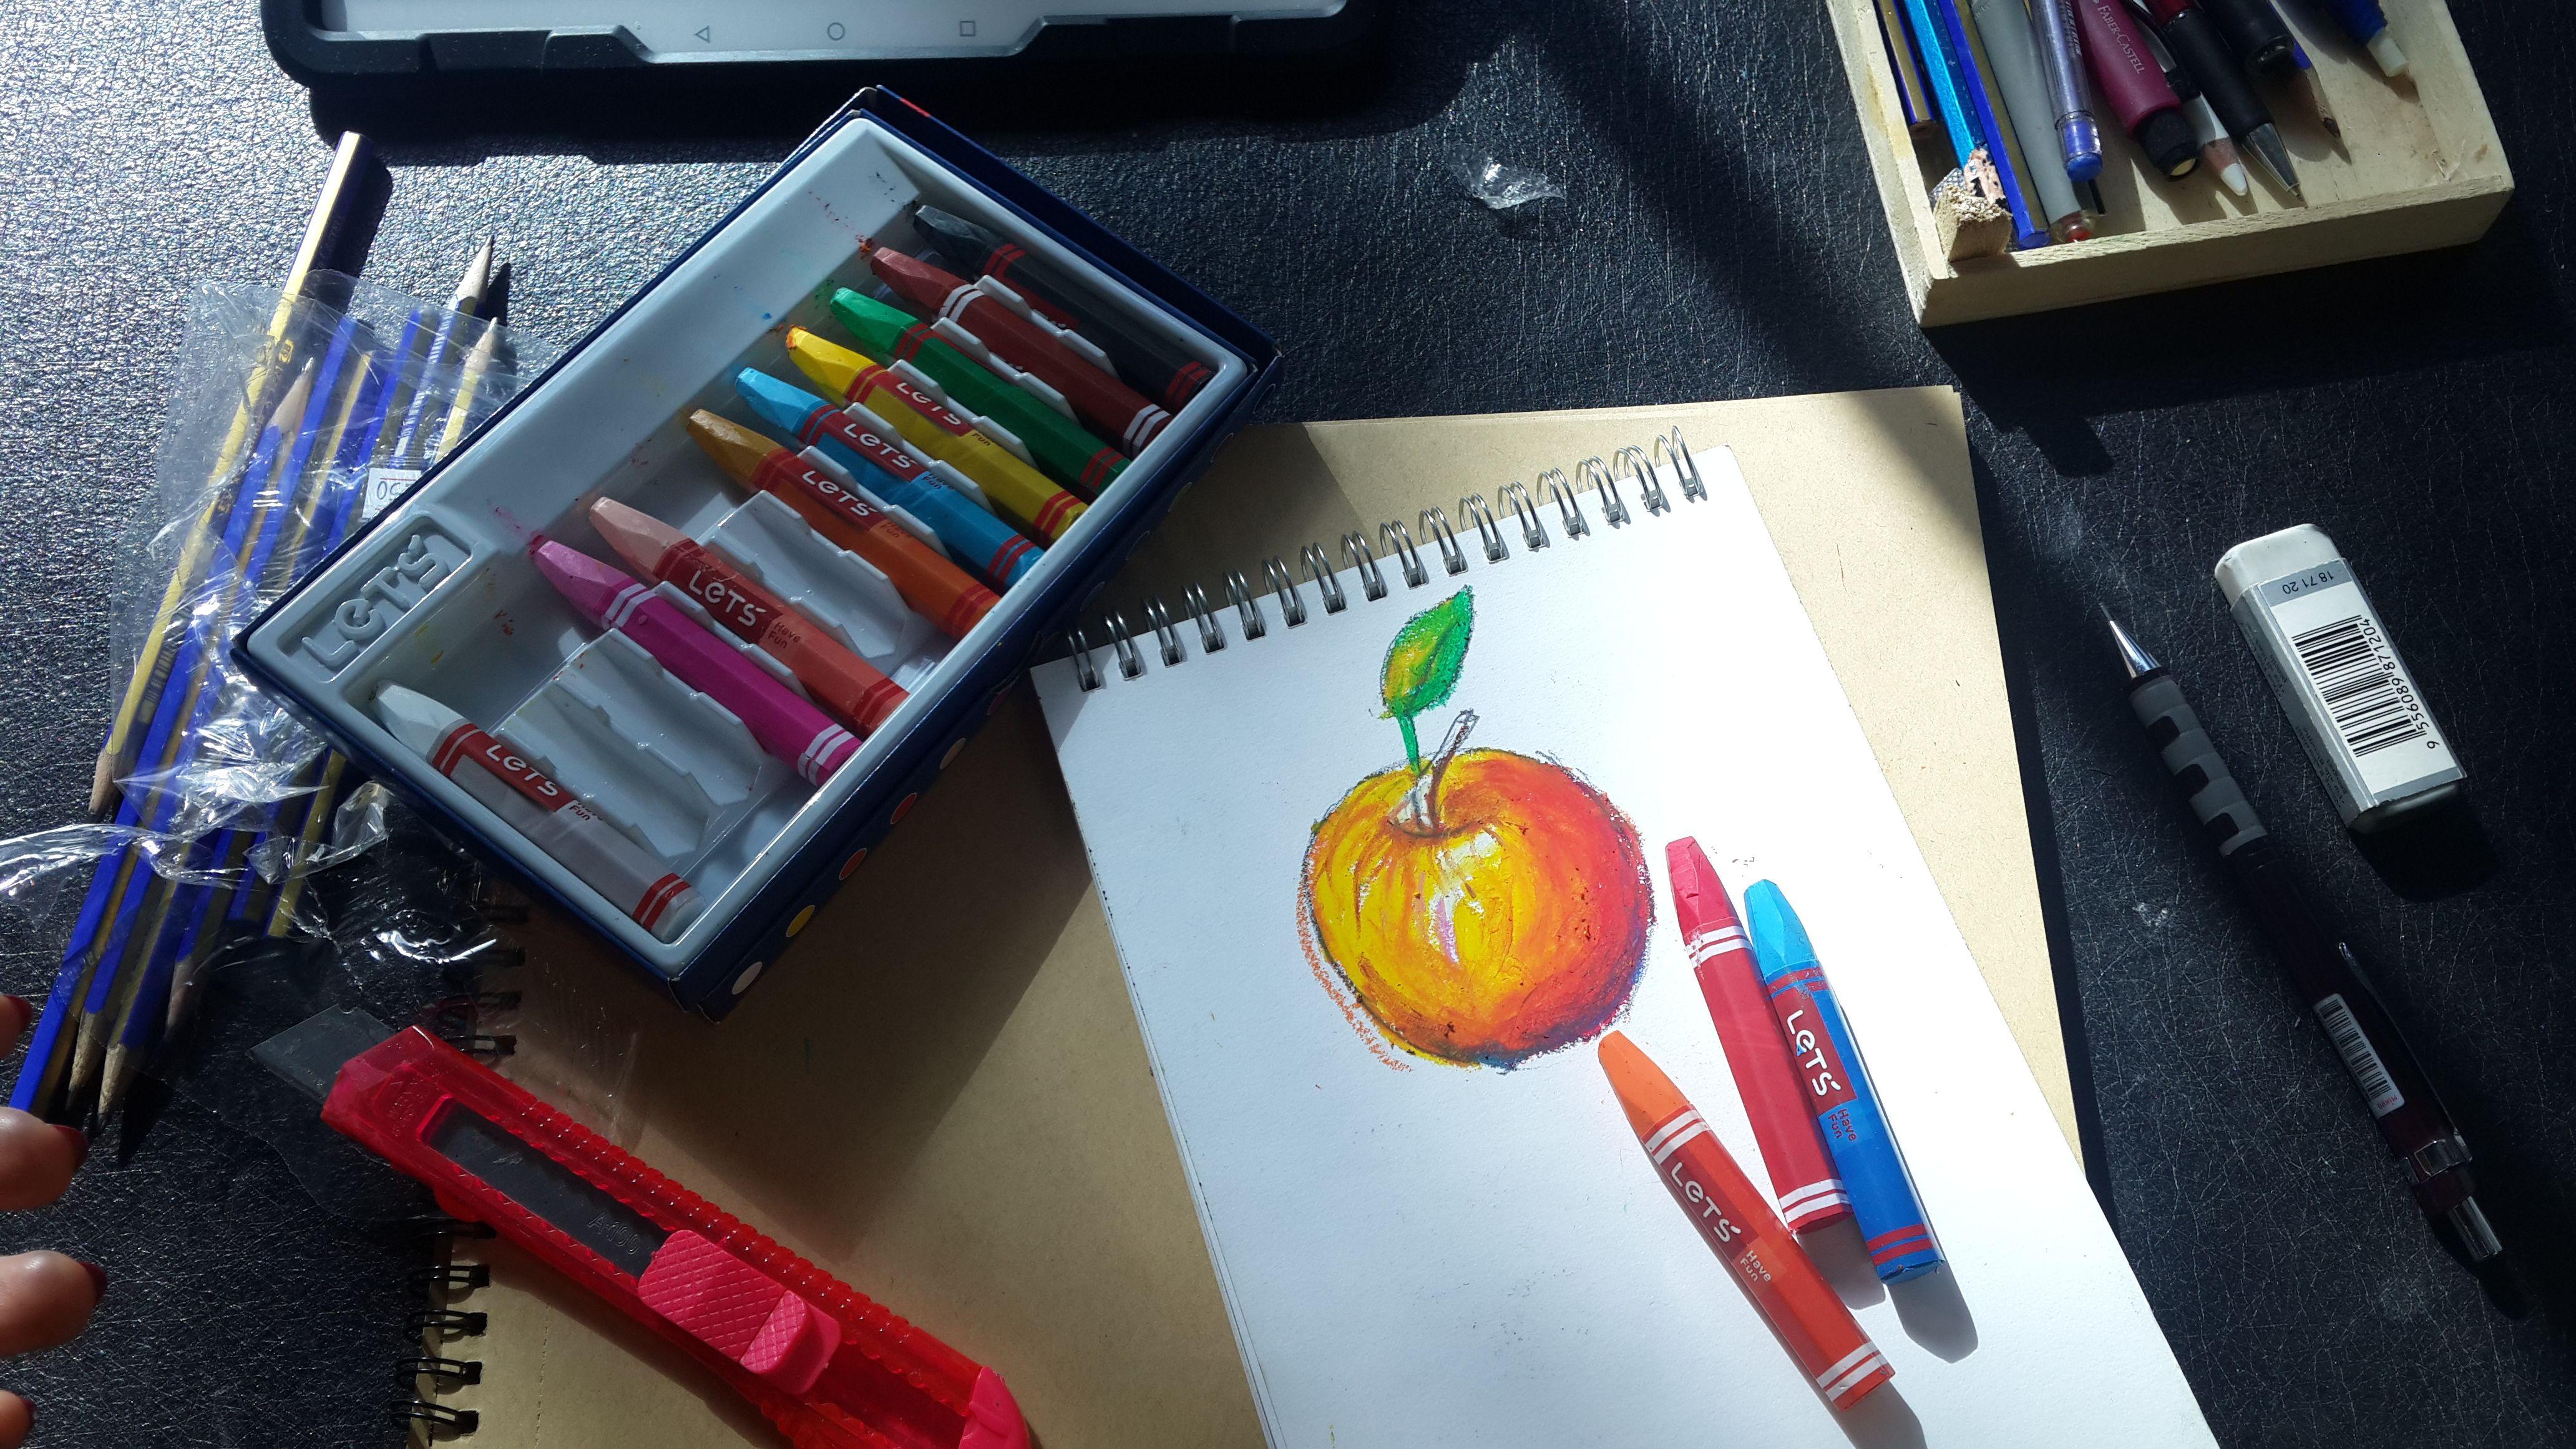 Pastel Boya Nasil Yapilir 7 5 Tl Lik Pastel Boyayla Neler Yaptik Merhaba Arkadaslar Bugun Sizler Ben Ve Arkadasim Pastel Boya Nasil Yapilir Pastel Draw Tablet